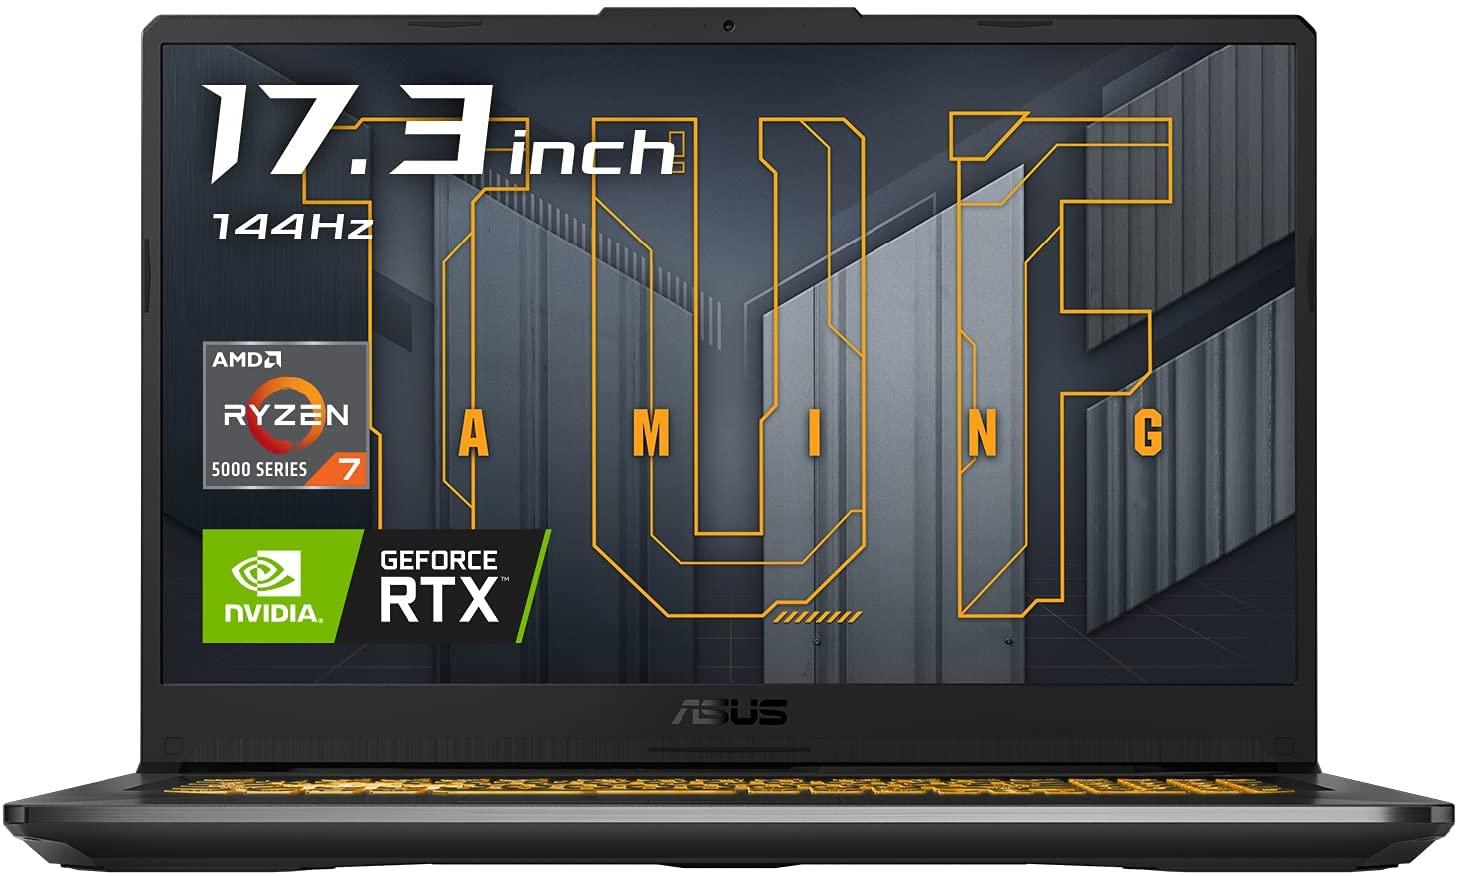 【PC】ゲーミングノートPC ASUS TUF Gaming A17 RTX3060 ベンチマーク/レビュー/感想 ※壊れたので追記